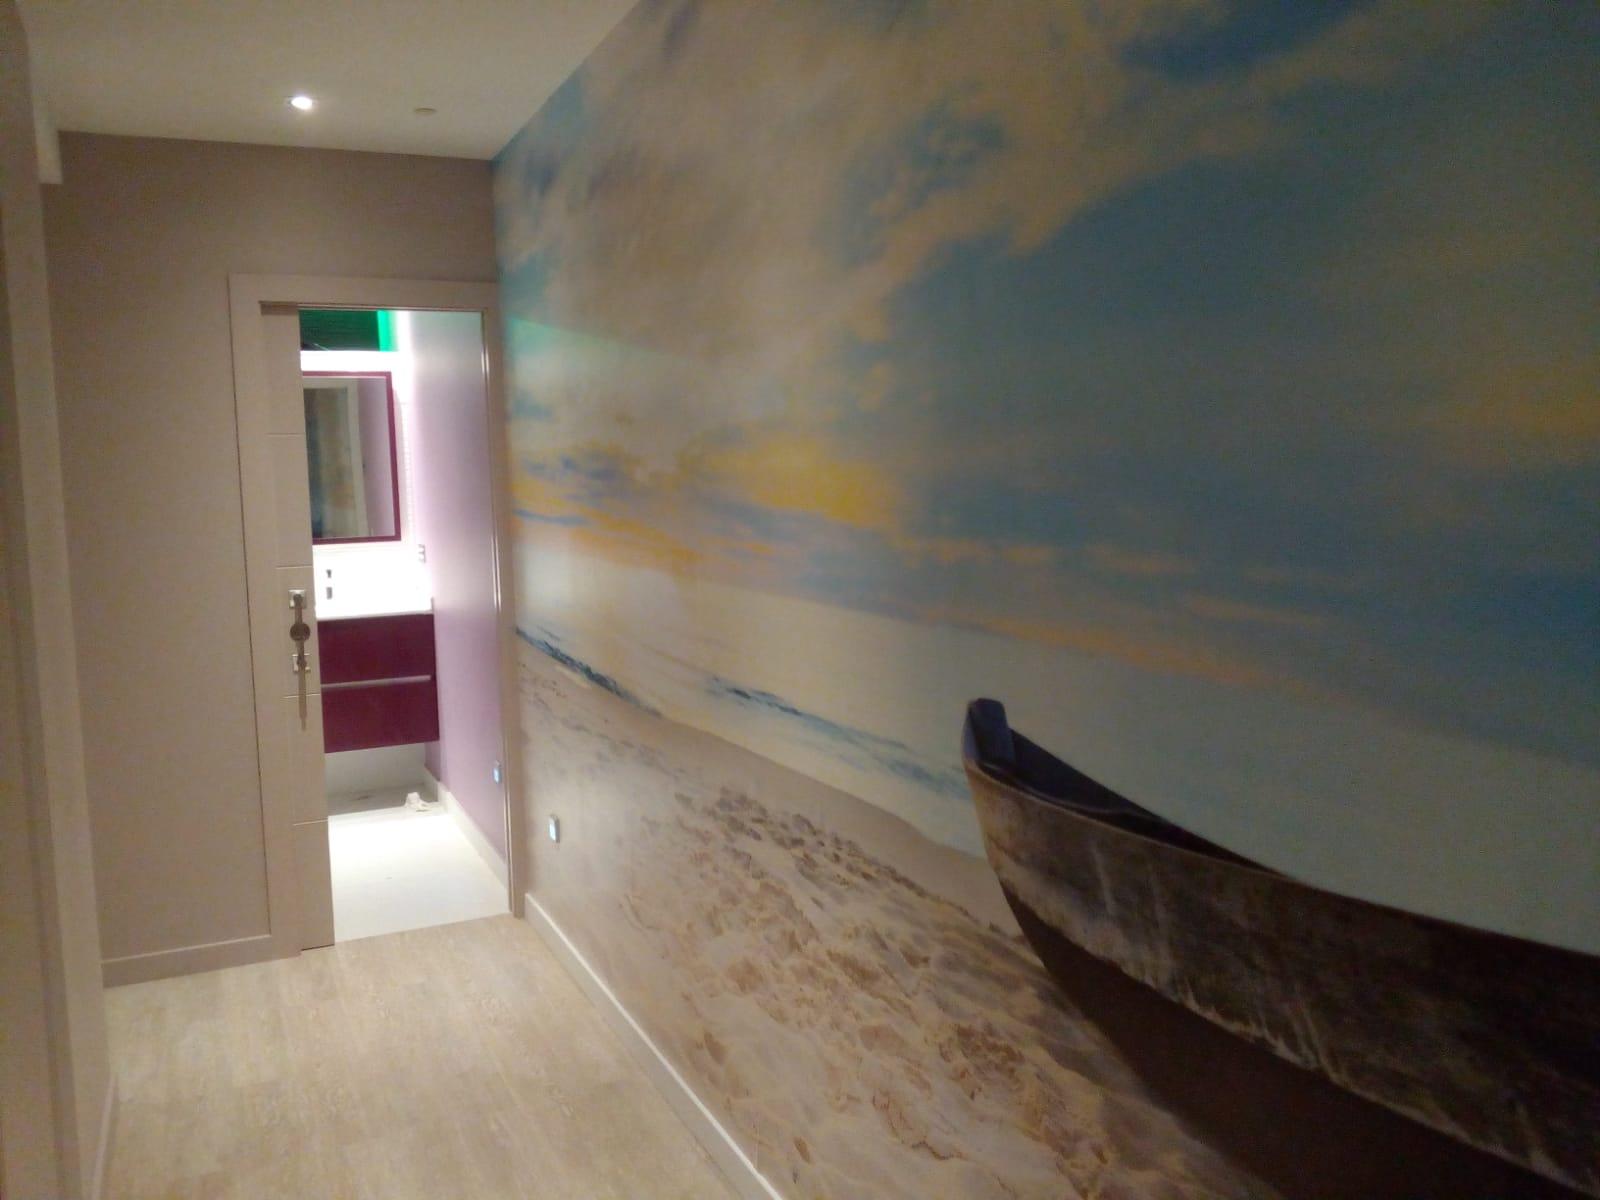 Els vinils decoratius són una opció senzilla i atractiva per decorar la paret de casa seva o de la seva oficina i negoci